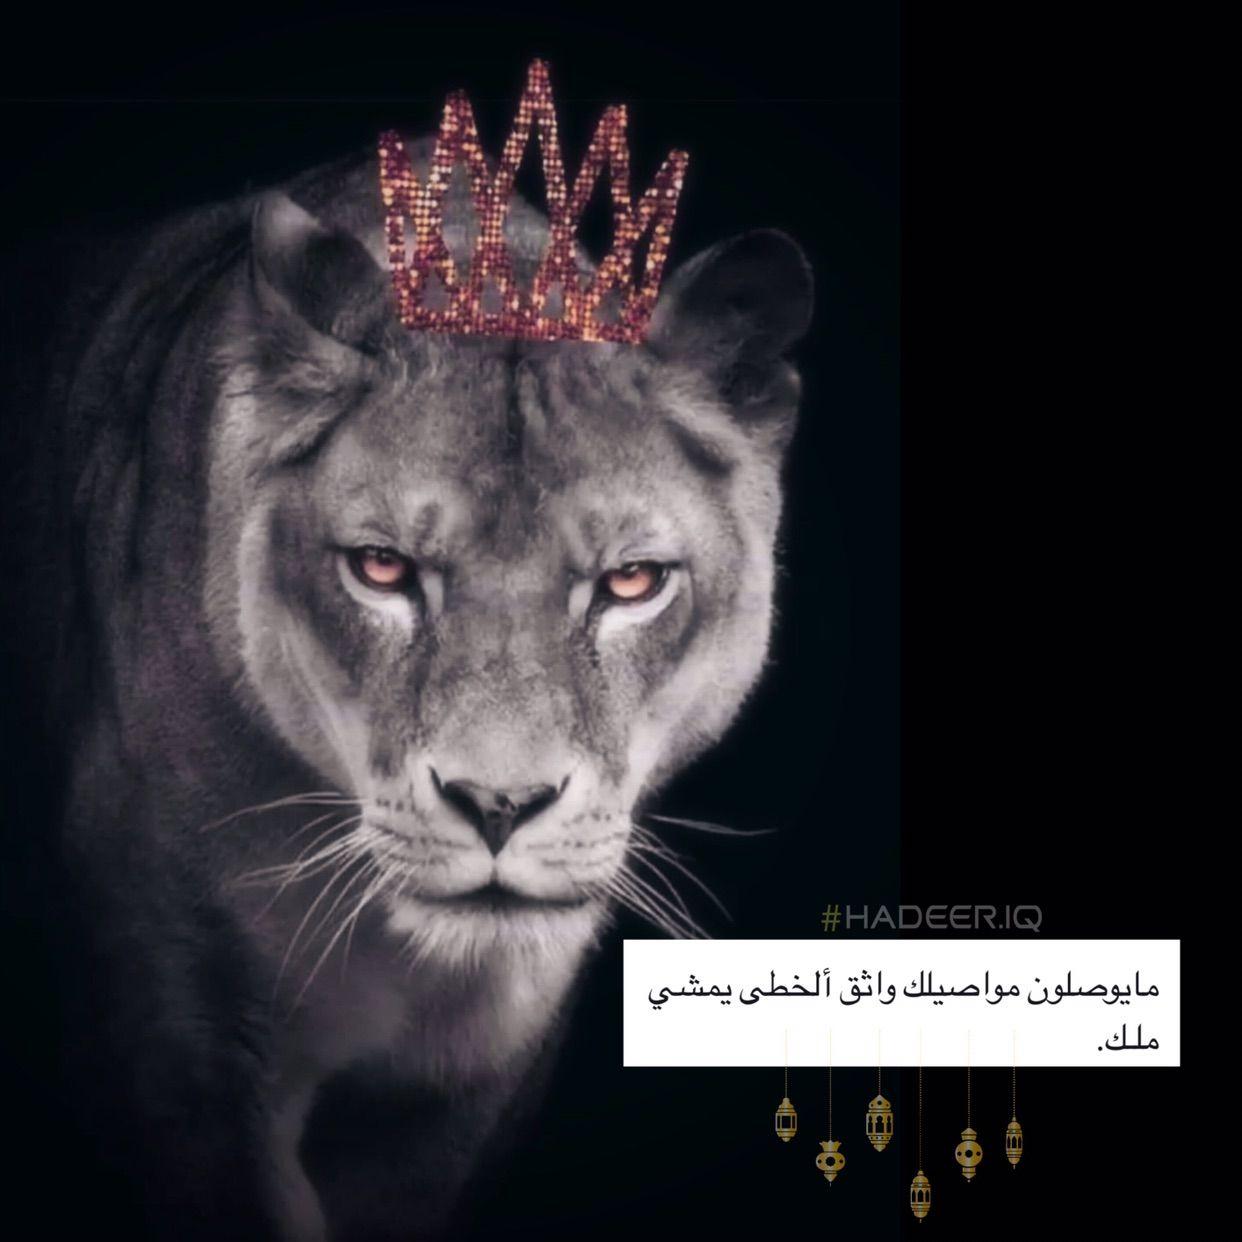 لبوه اسد قوه Love Quotes Wallpaper Islamic Posters Love Quotes Photos